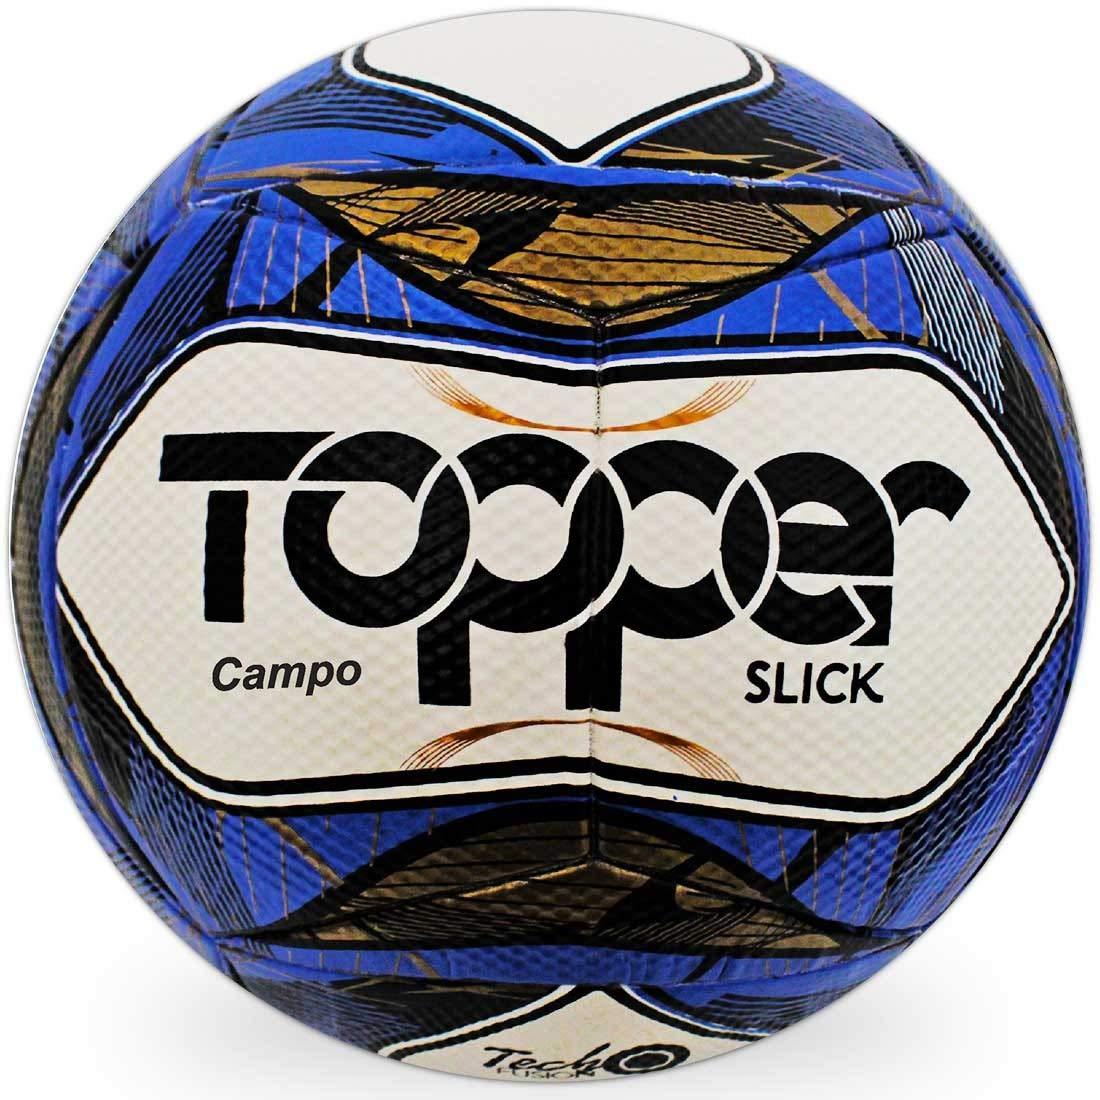 Bola Topper Slick II Campo